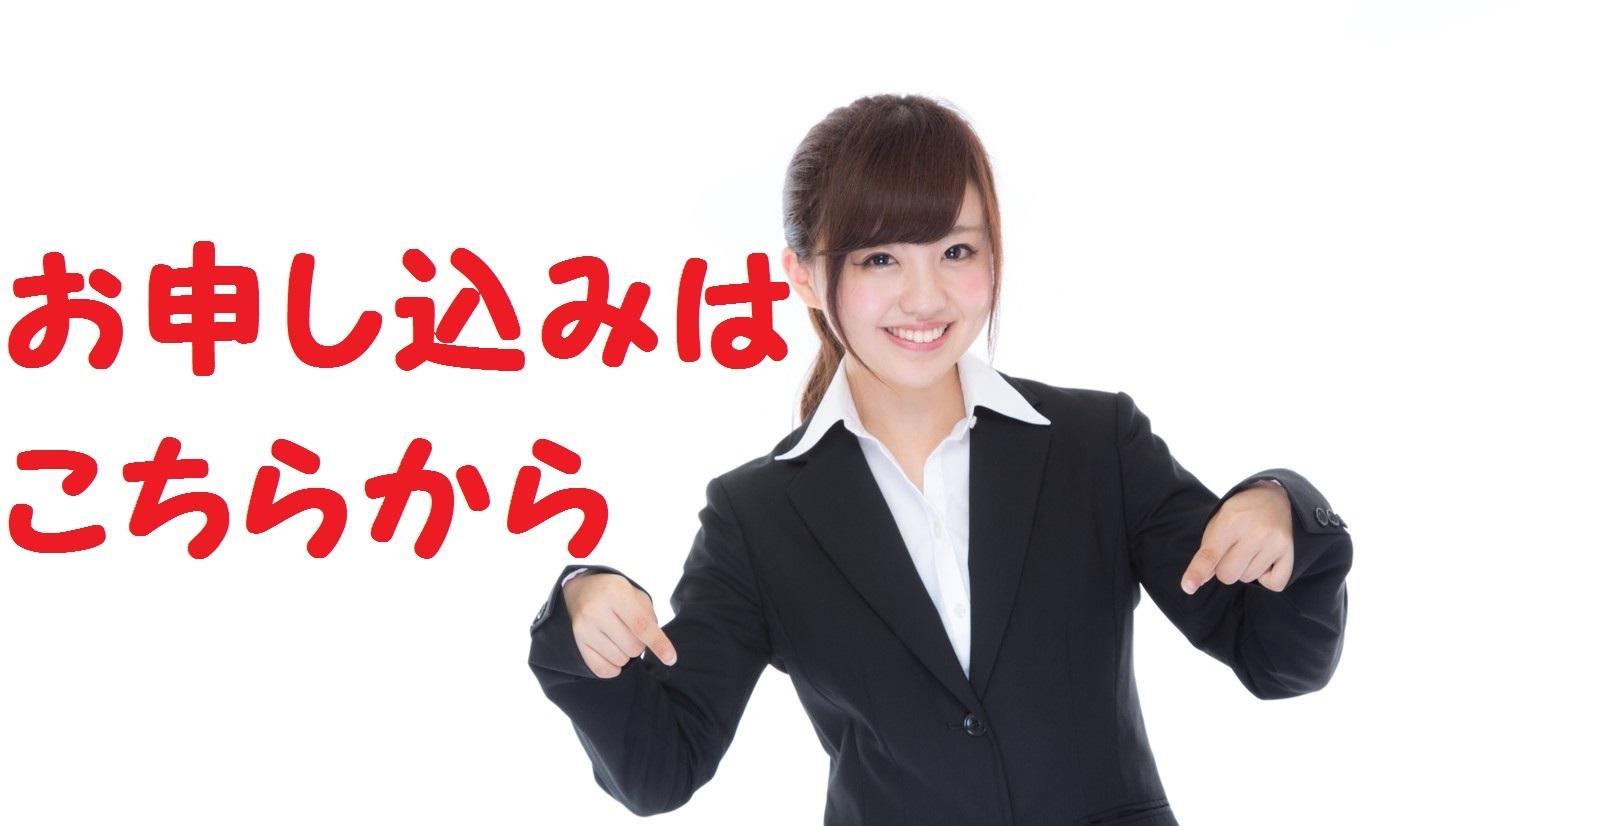 YUKA863_korekore15202501_TP_V (1)